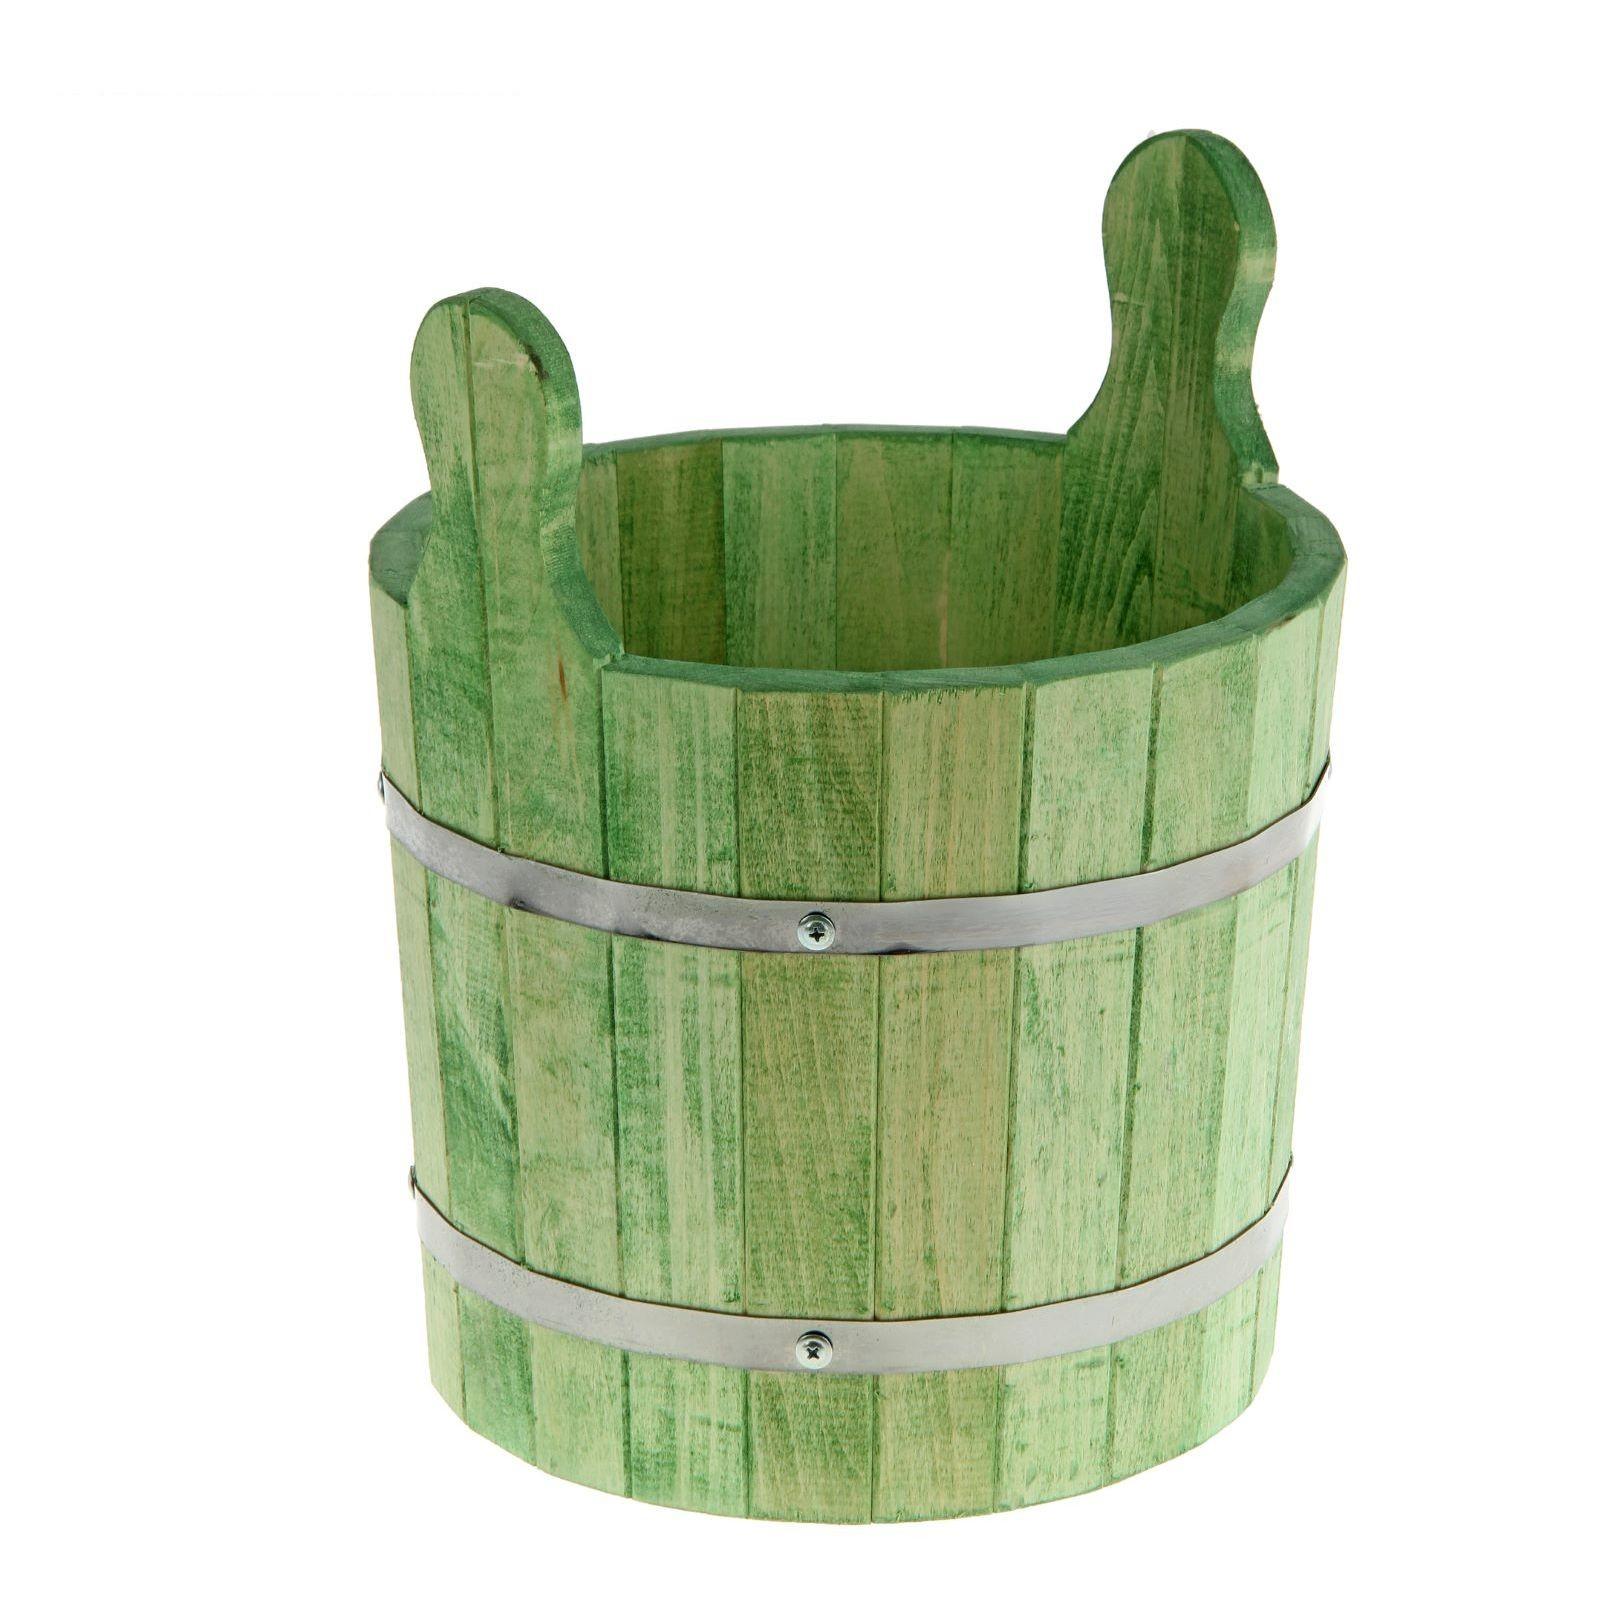 Запарник-ушат 8 литров, цвет еловая зелень, липа добрая баня